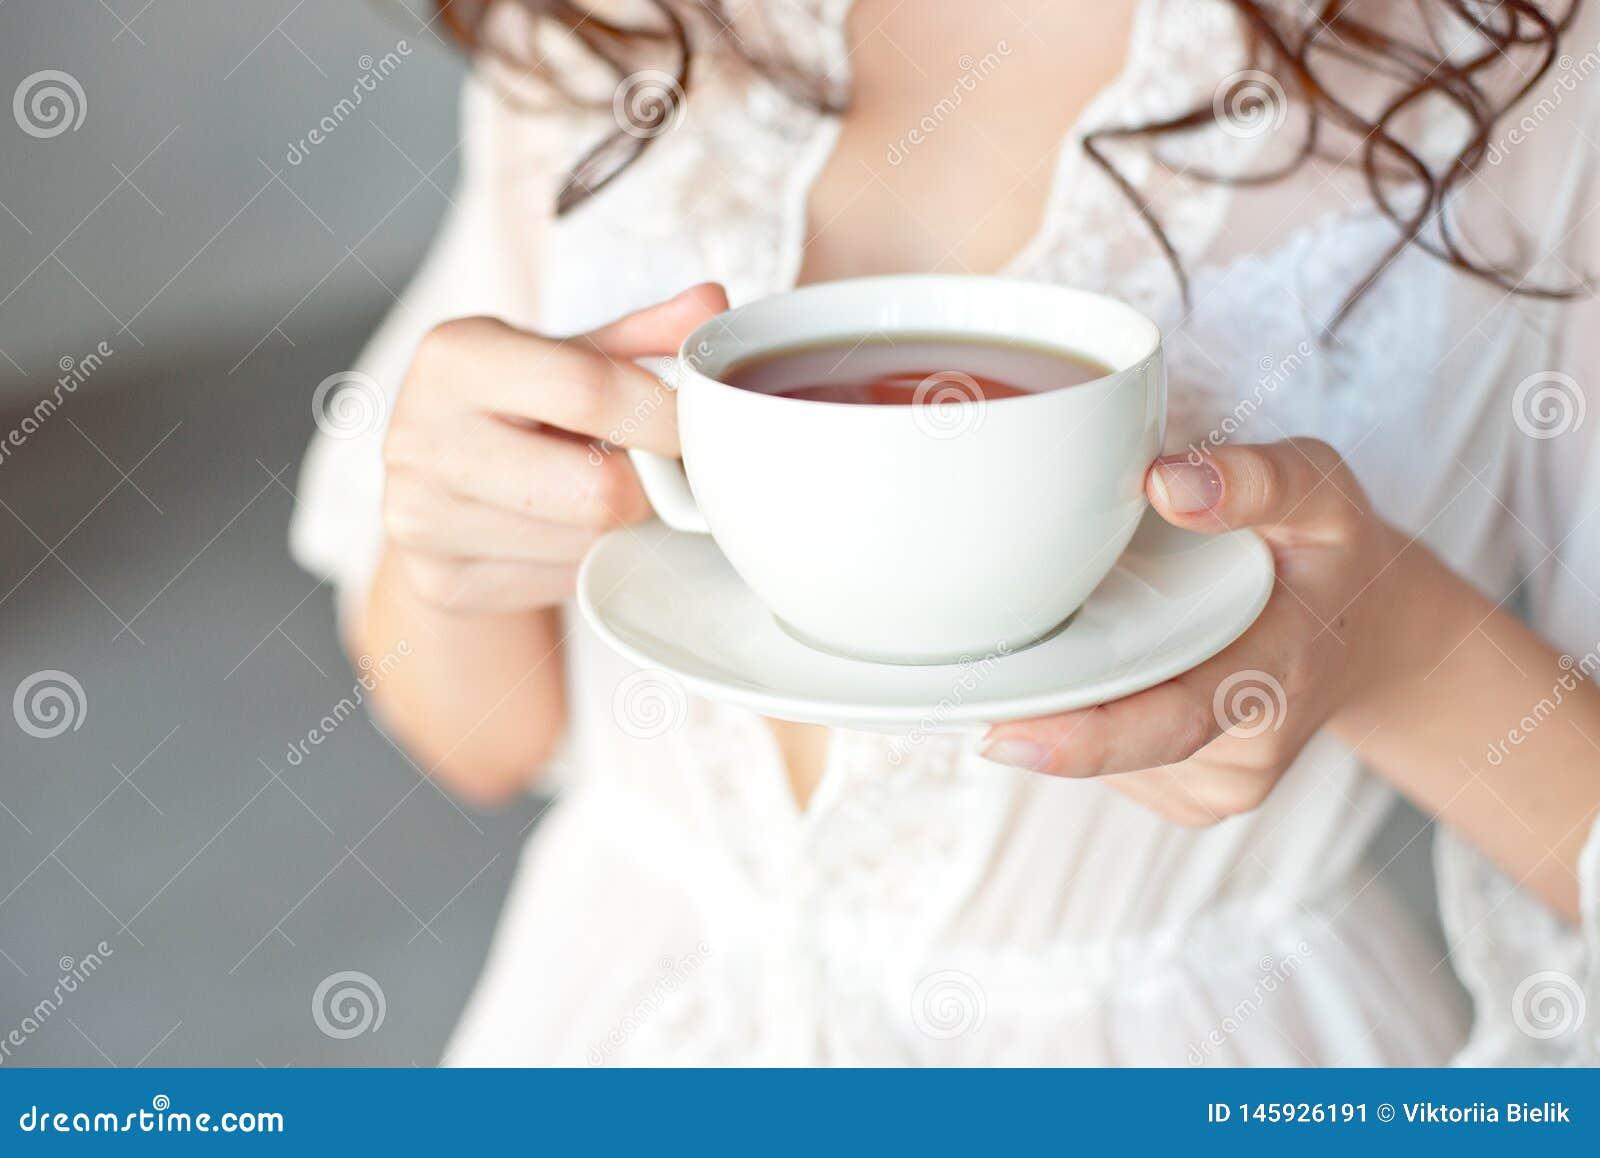 Close-up de um copo branco do caf? quente da arte do latte com uma forma do cora??o nas m?os de uma mo?a